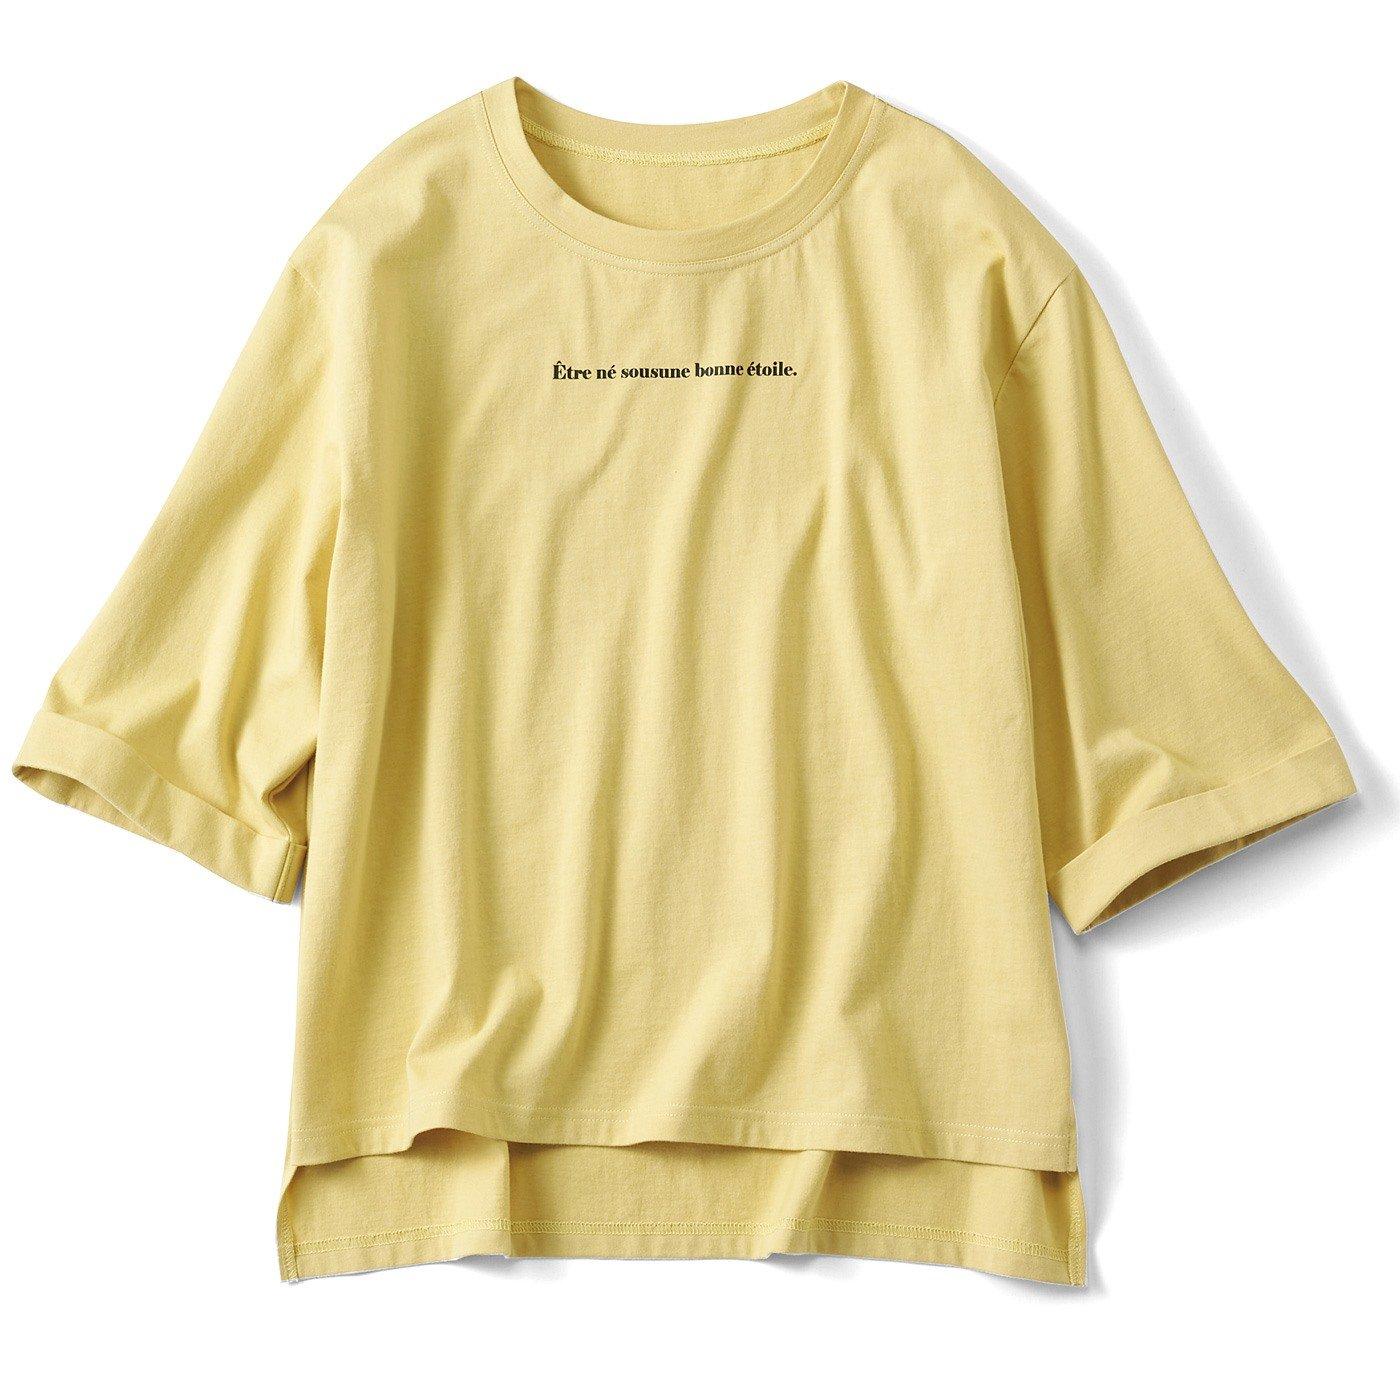 リブ イン コンフォート 地中海の風で育った トルコオーガニックコットン 六分袖Tシャツの会